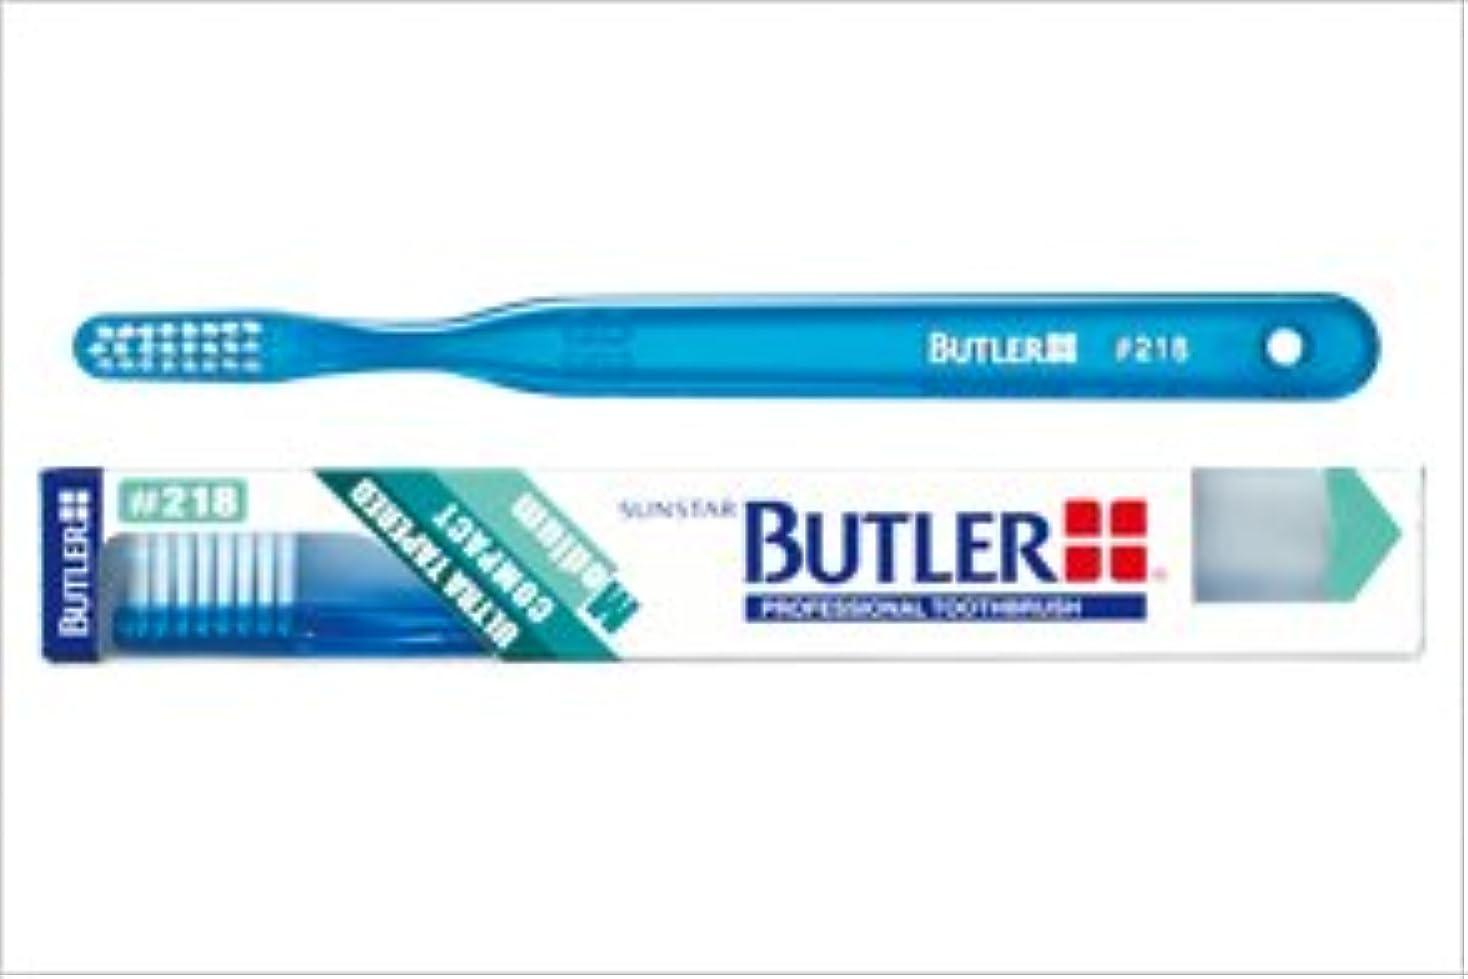 不快便利さ朝サンスター/バトラー歯科用バトラー #218 12本 ふつうコンパクトヘッド 6色一般用(3列フラット)